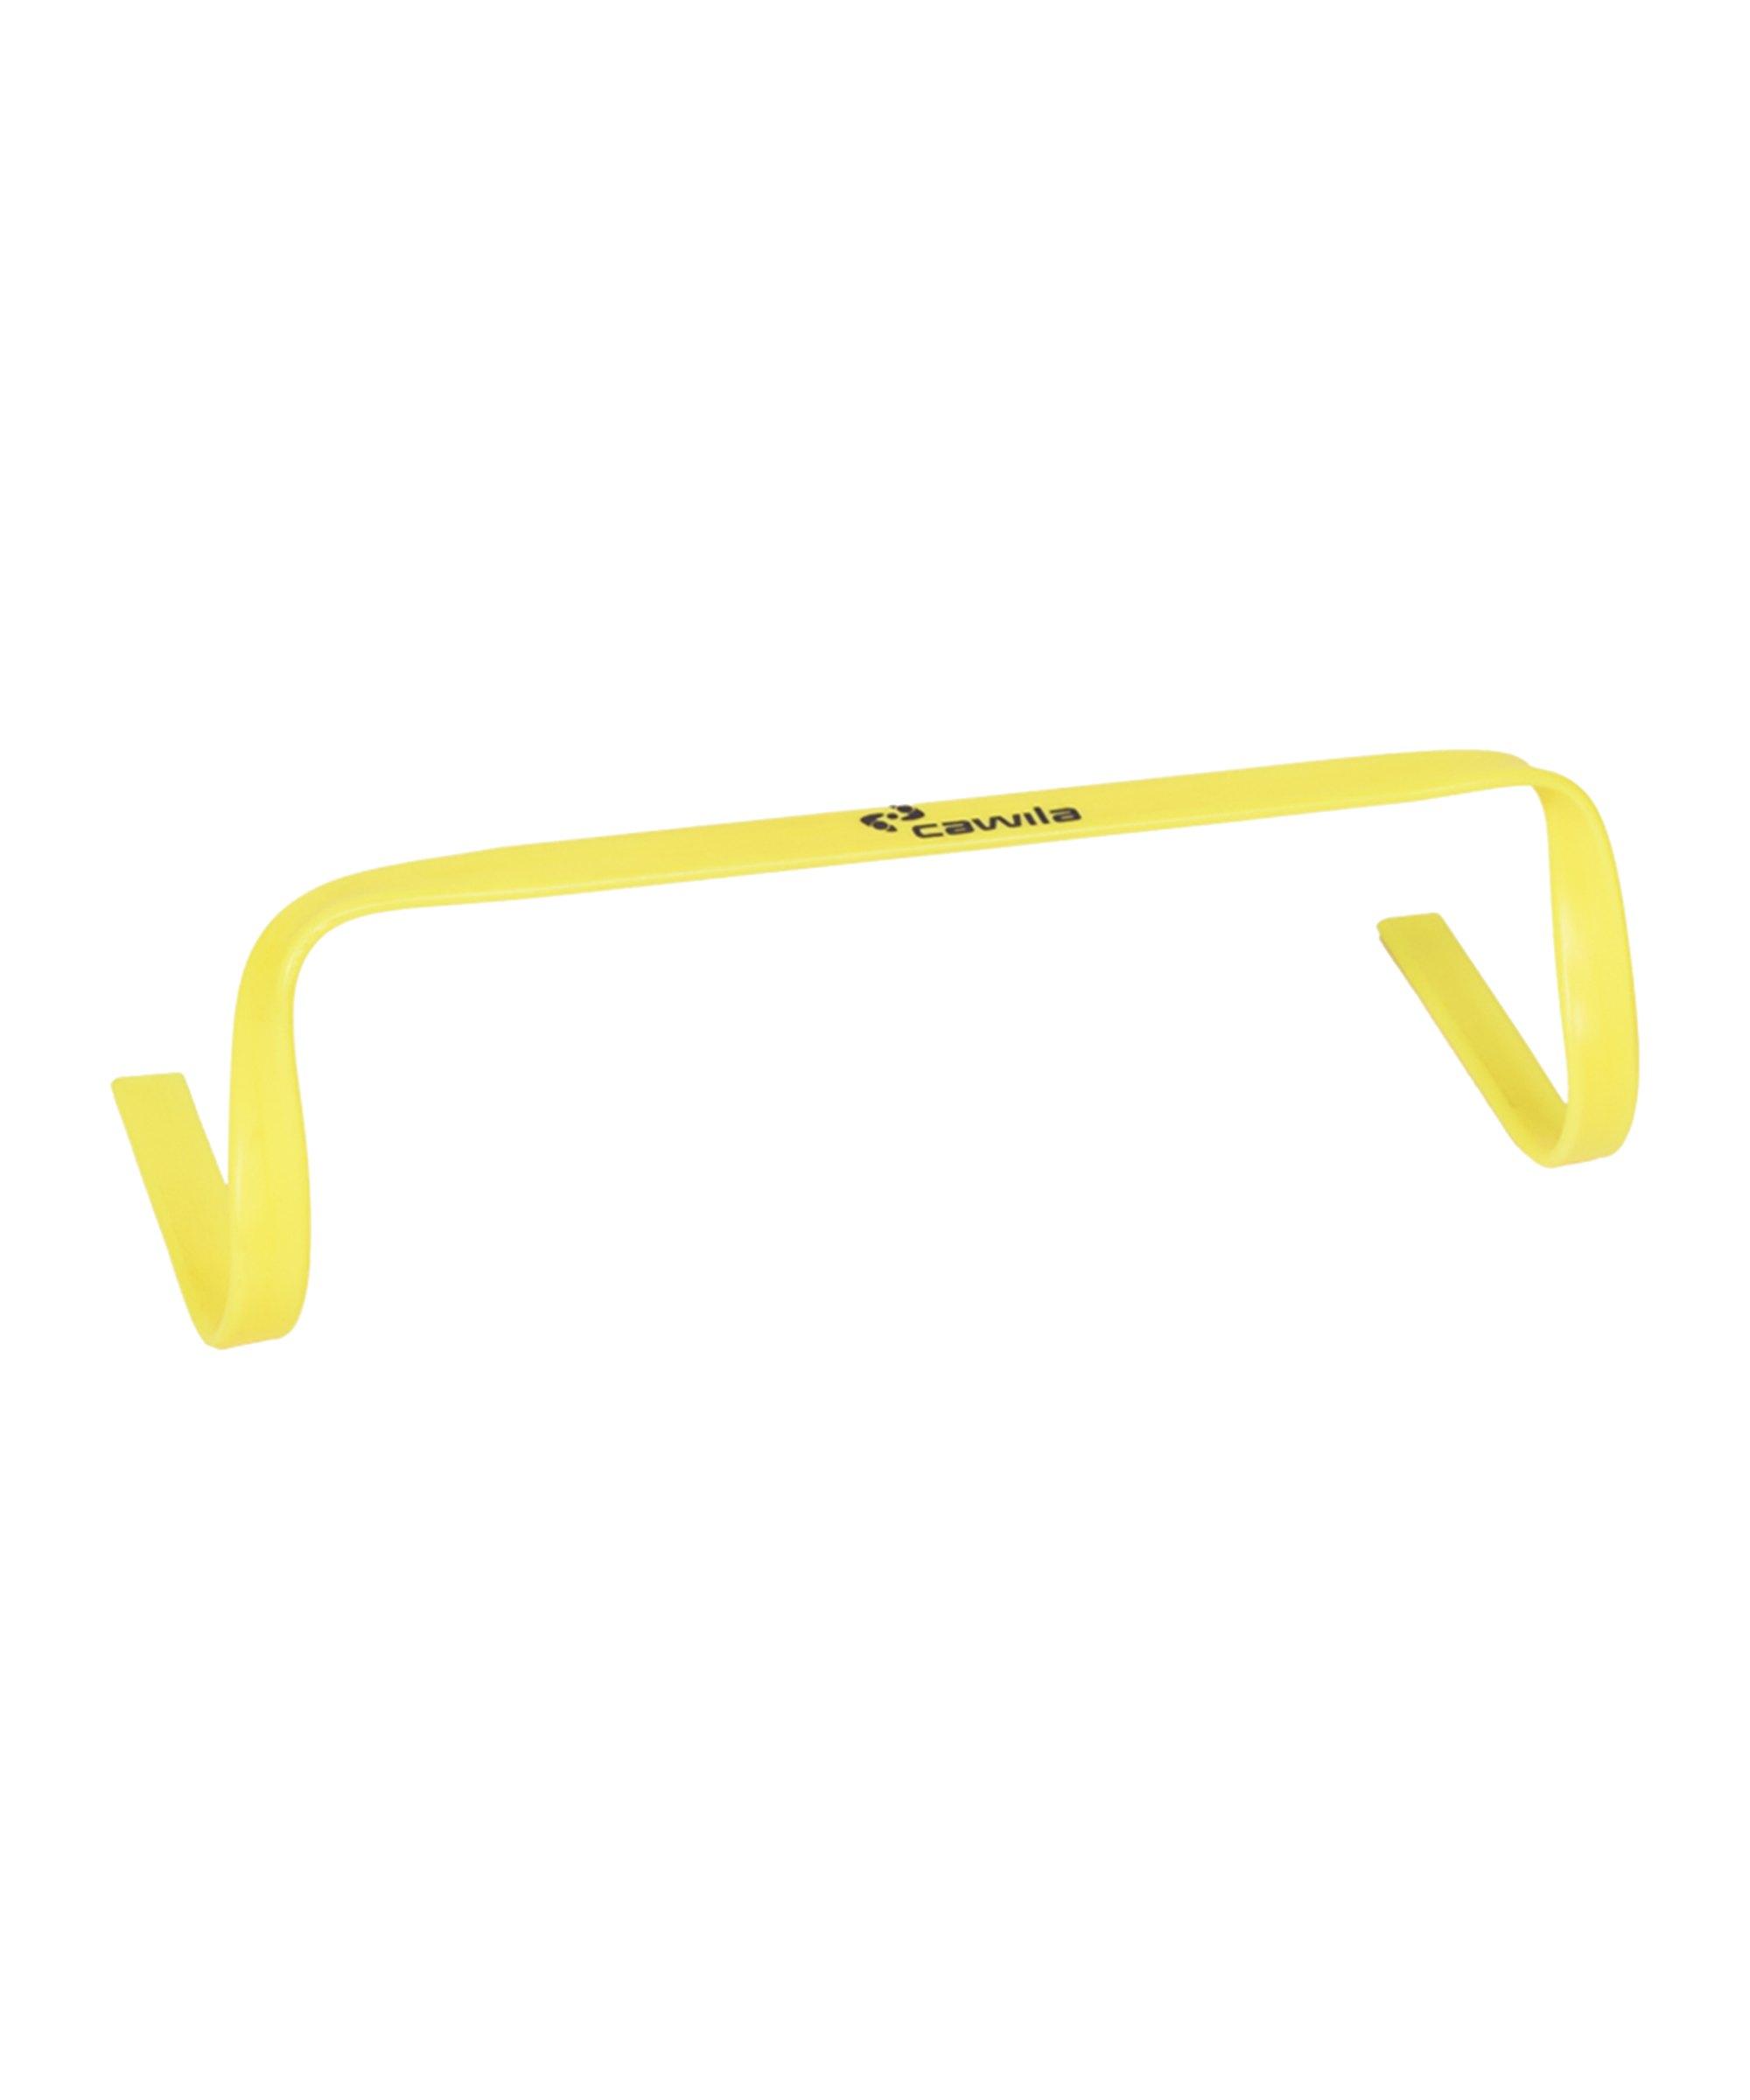 Cawila Trainingshürde Flat 'n Flex 15cm Gelb - gelb